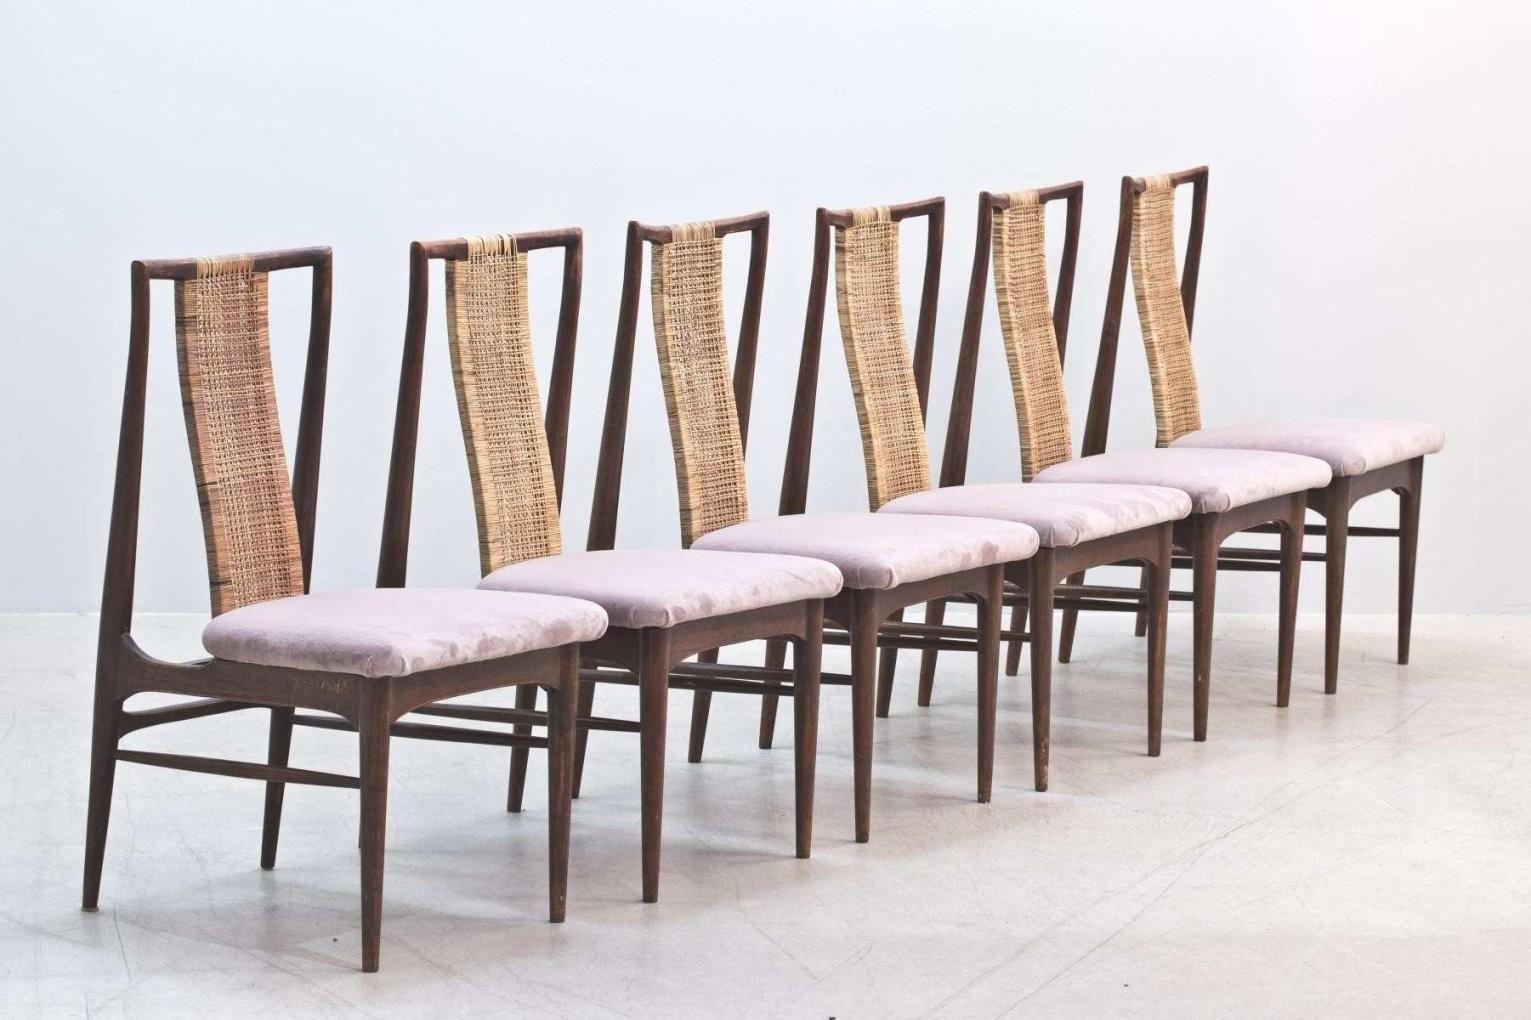 Esszimmerstühle Grau Klein Und Funktional Inspirierend 45 Moderne von Moderne Esszimmerstühle Günstig Bild